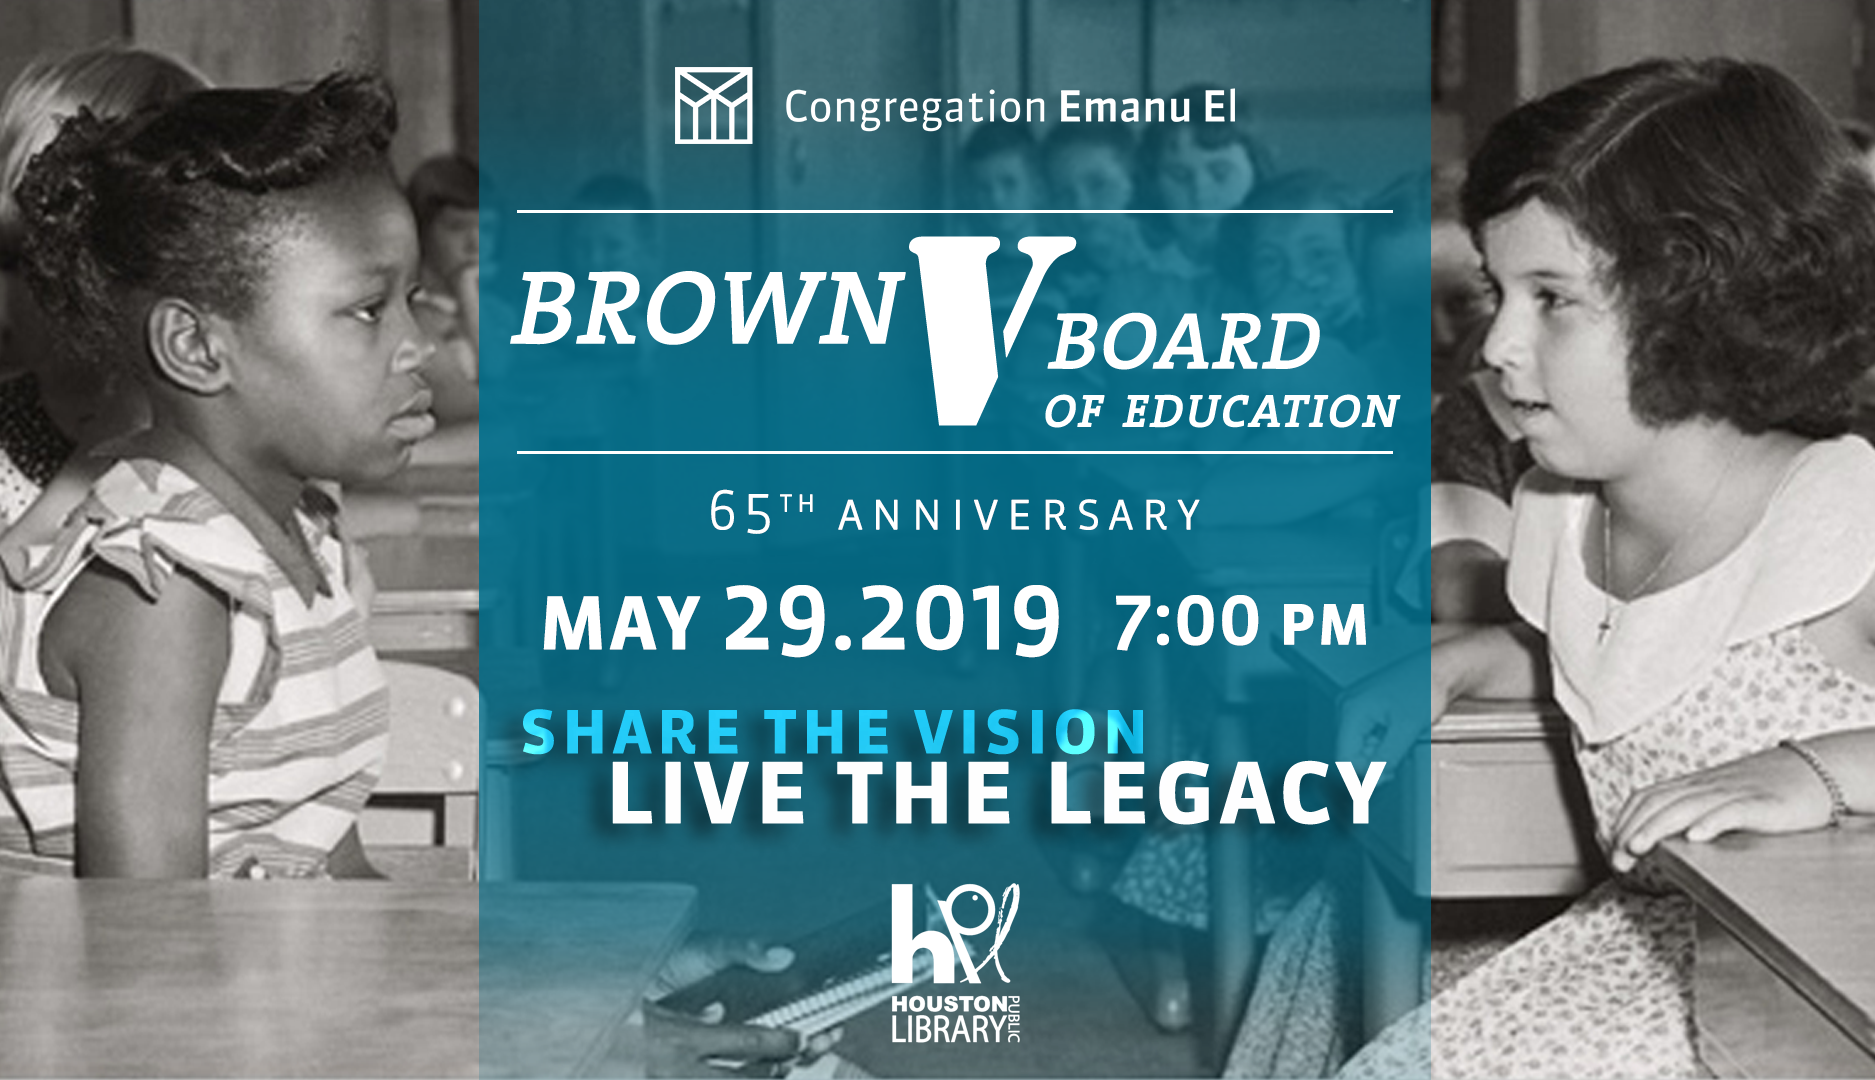 Brown V. Board 65th Anniversary